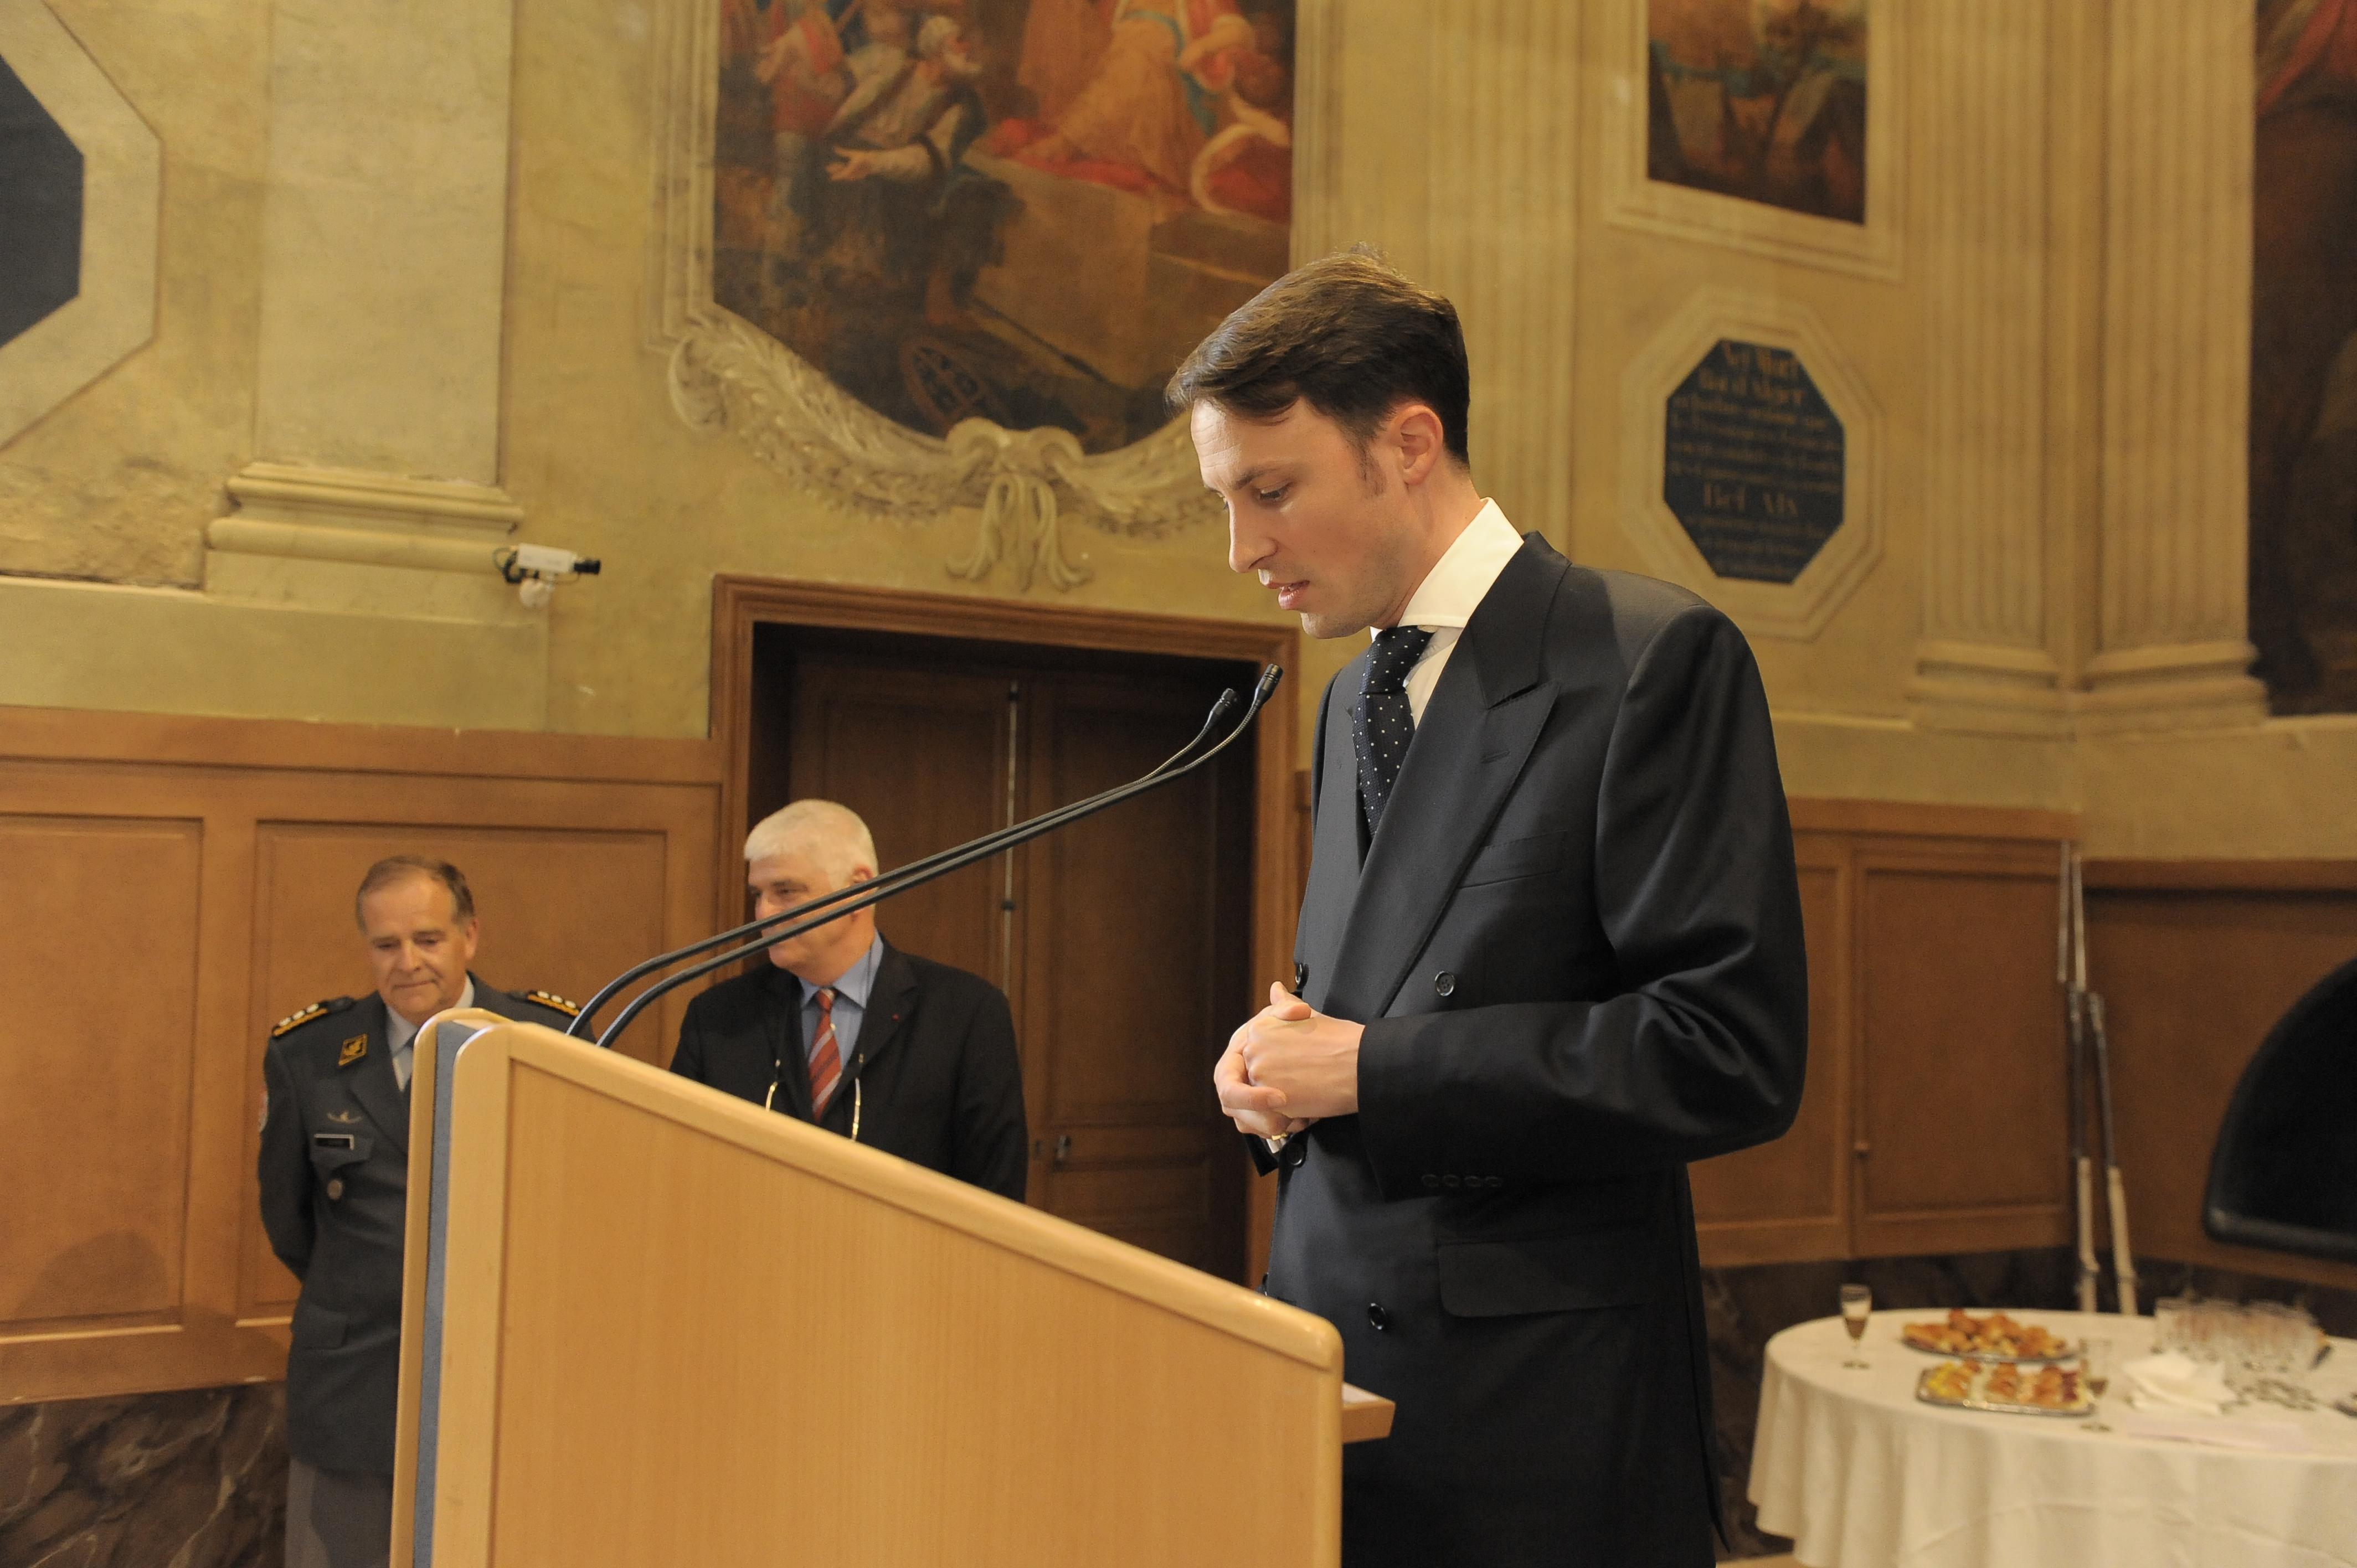 Prix de l'amitié 2009